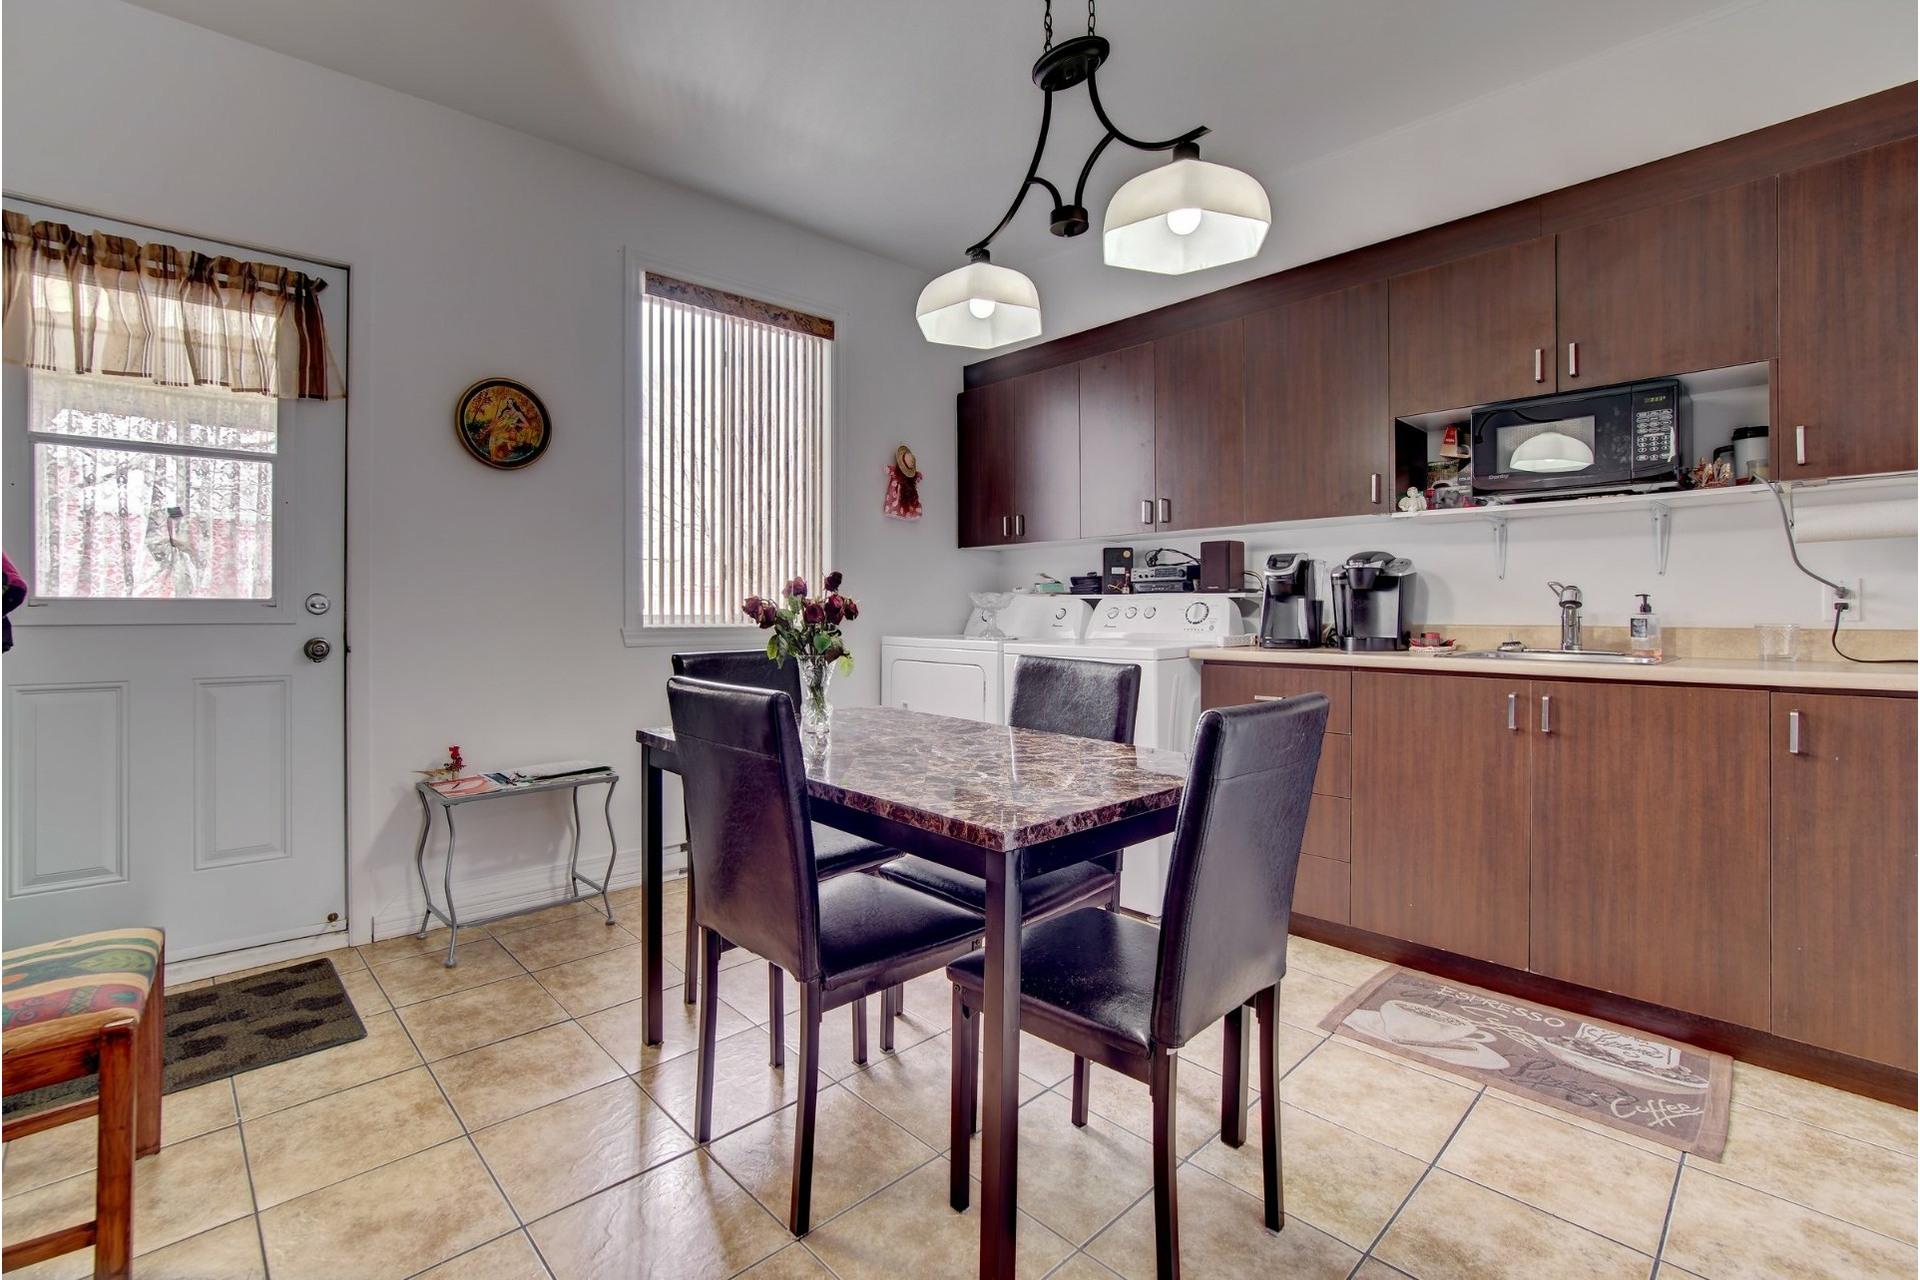 image 11 - Quadruplex For sale Rivière-des-Prairies/Pointe-aux-Trembles Montréal  - 4 rooms